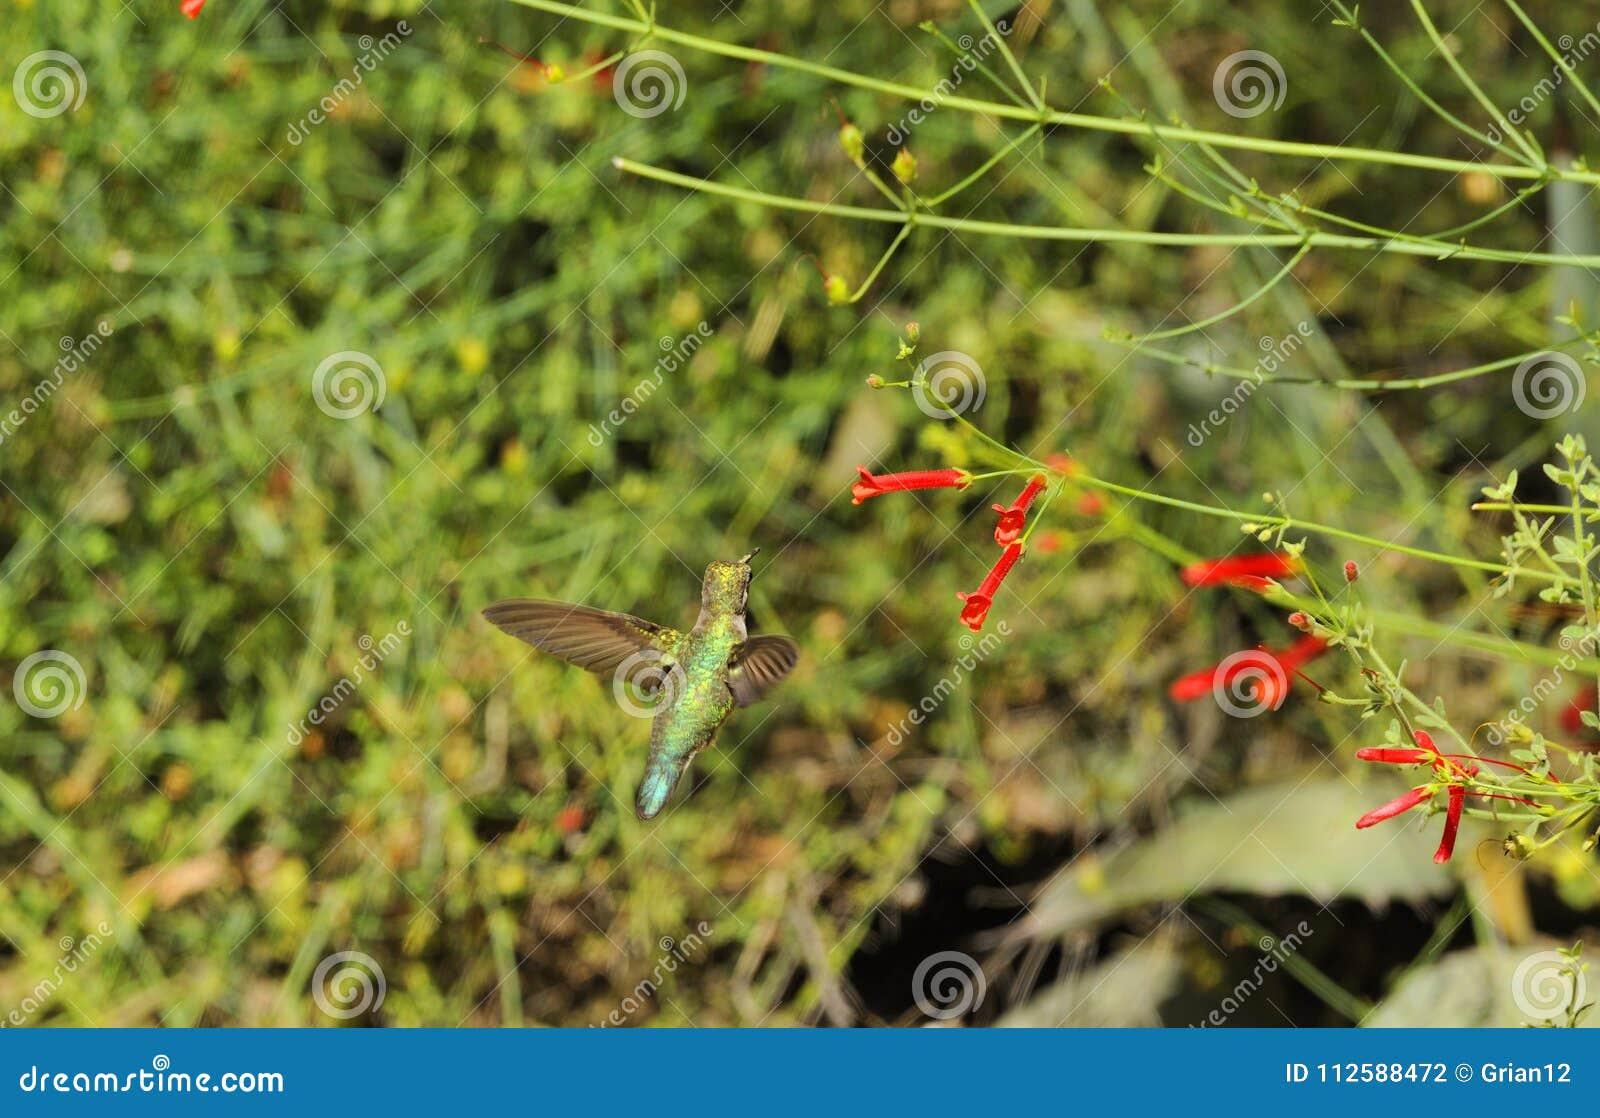 Hummingbird Zbliża się Czerwonego kwiatu